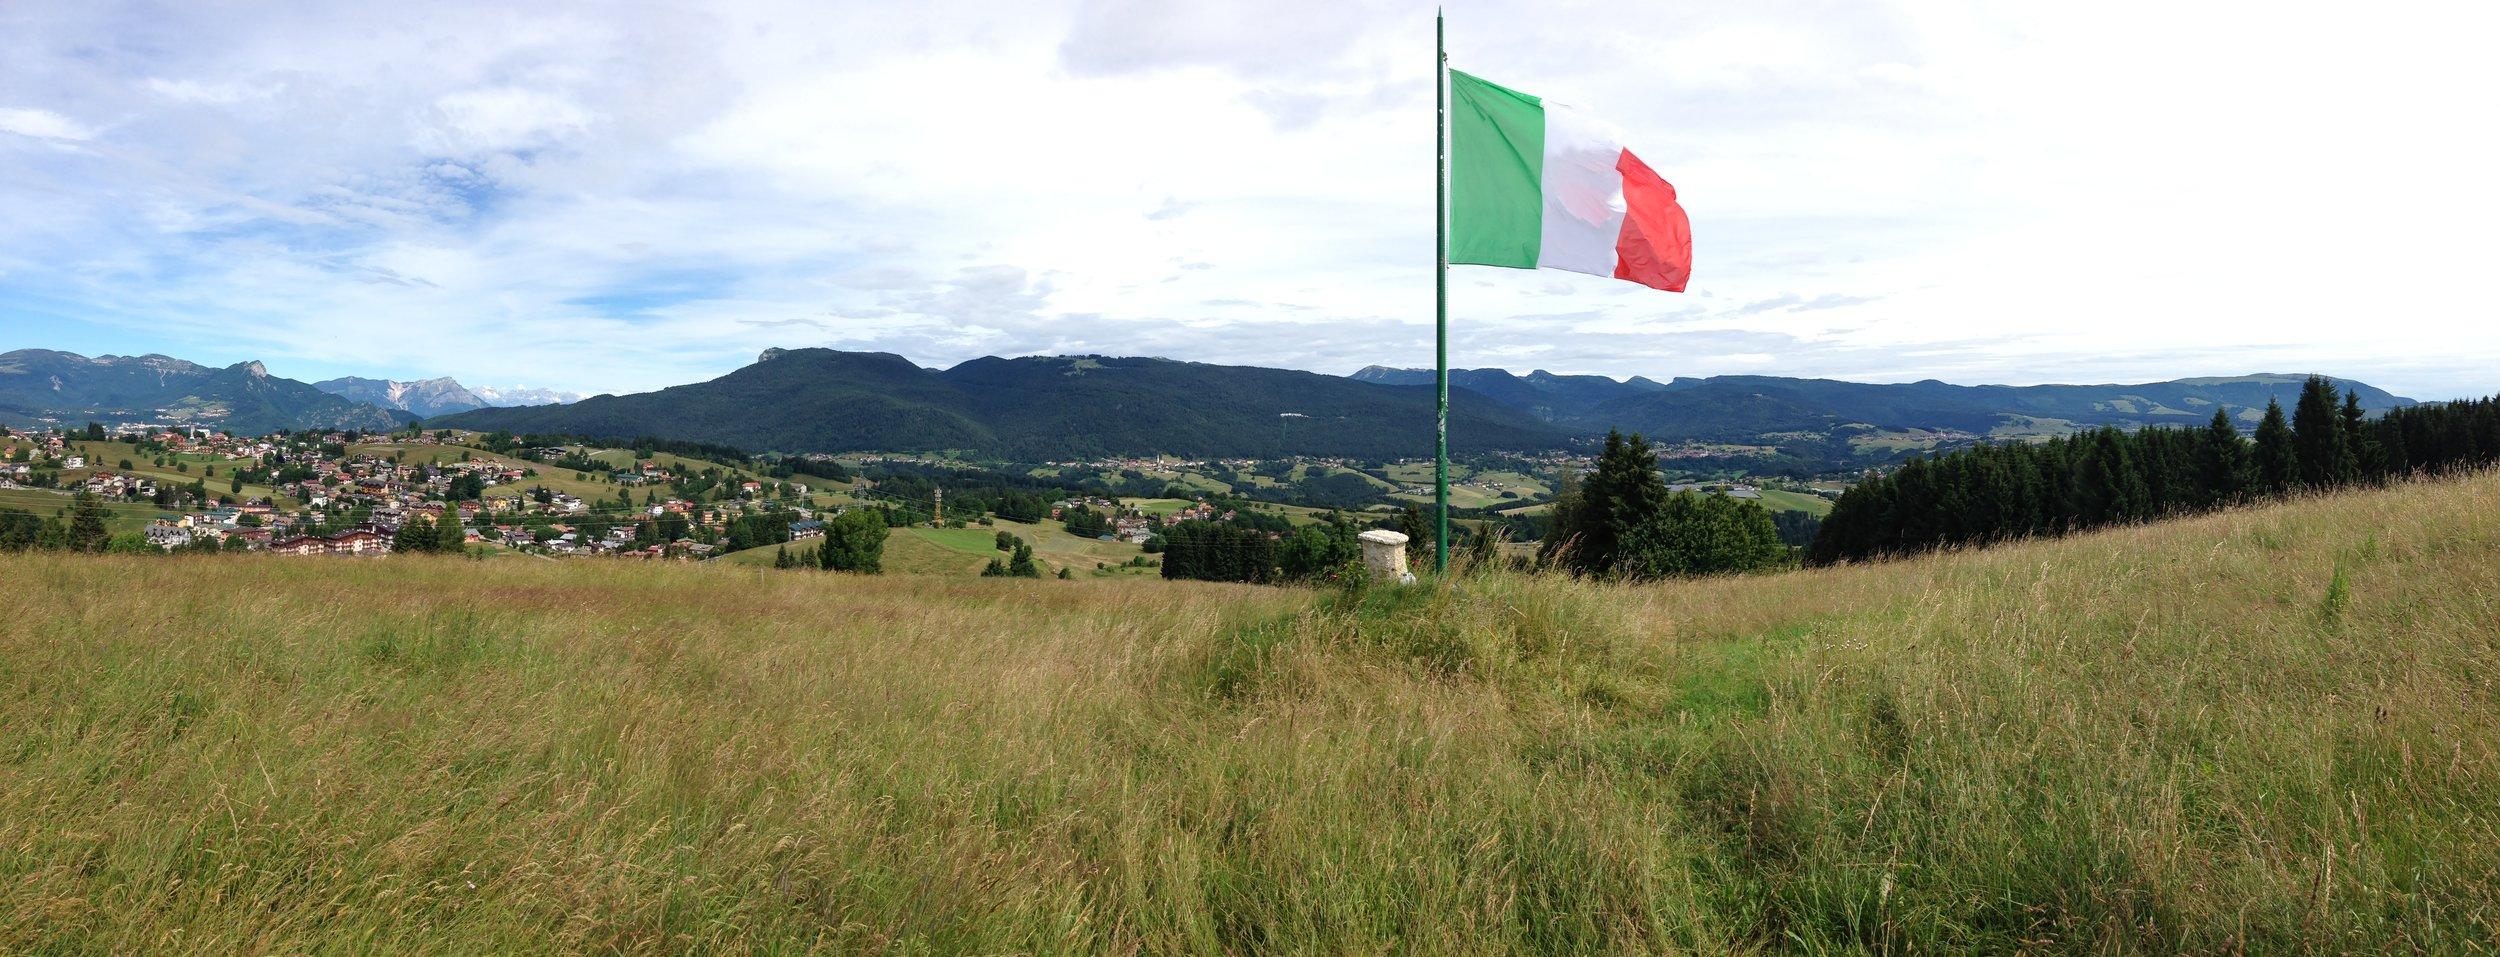 L' Altopiano dei Sette Comuni visto dal Monte Jok di Cesuna (fotografia di Stefano Aluisini)